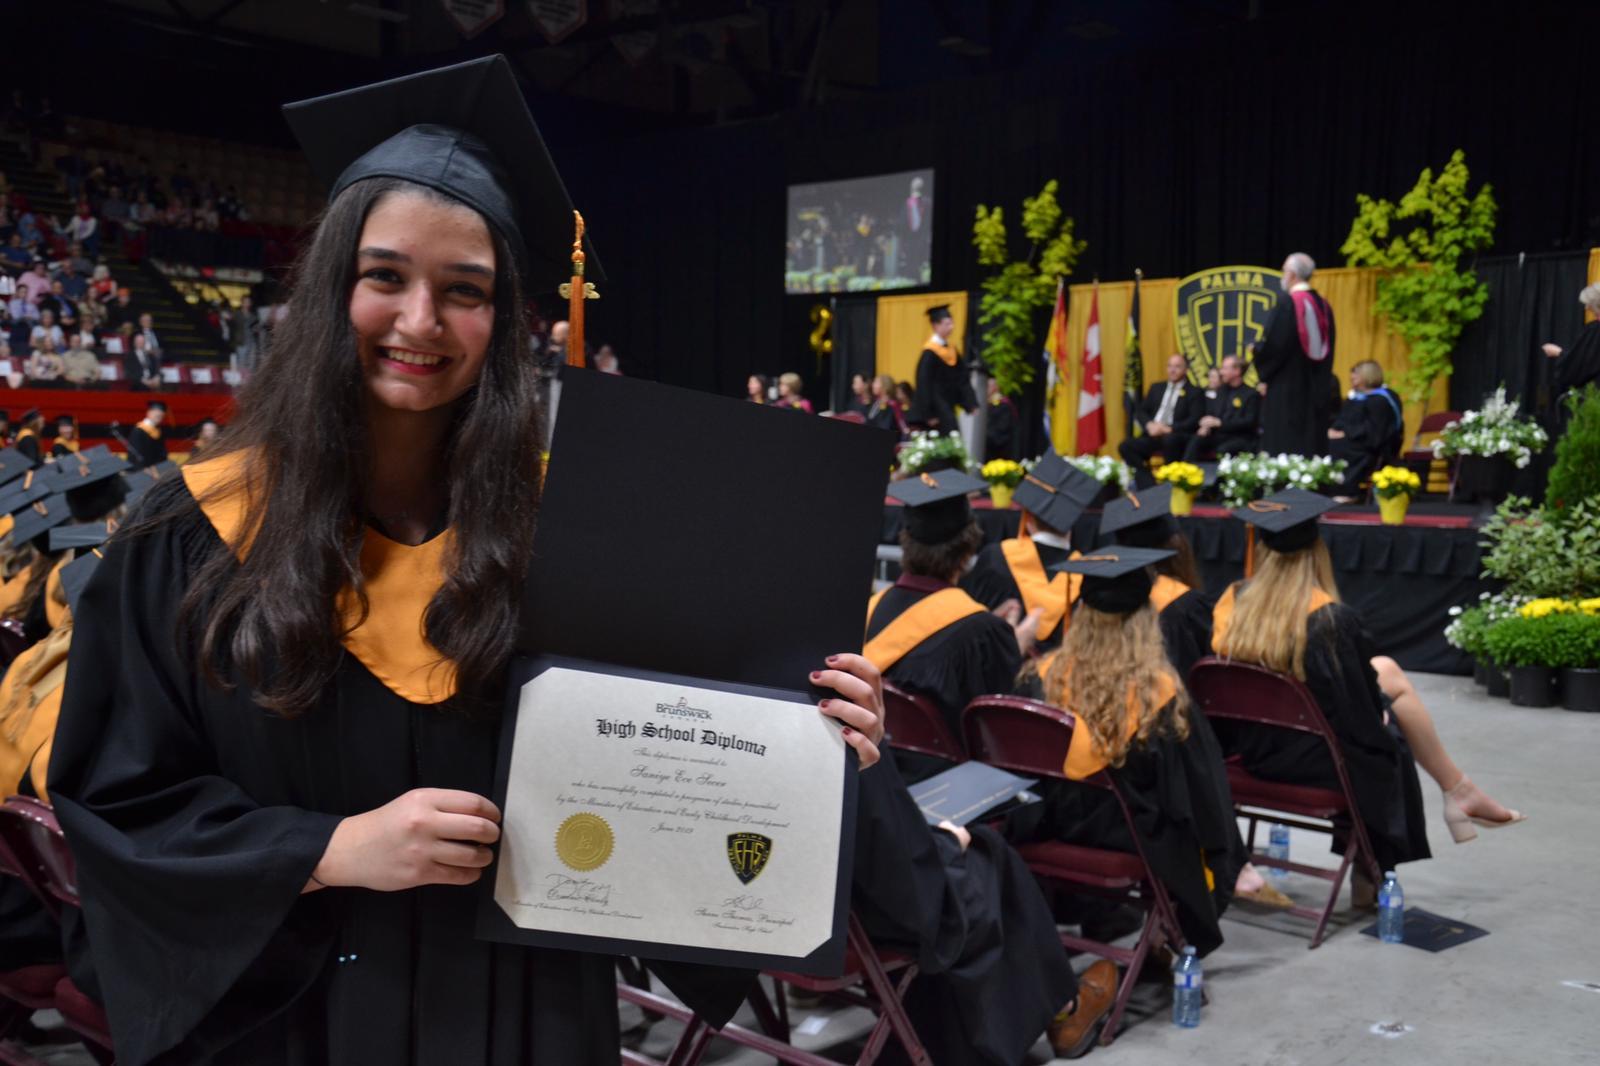 Anadolu Lisesi Öğrencimiz Dalhousie Üniversitesinin Kinesiyoloji Bölümünde Eğitimine Devam Edecek